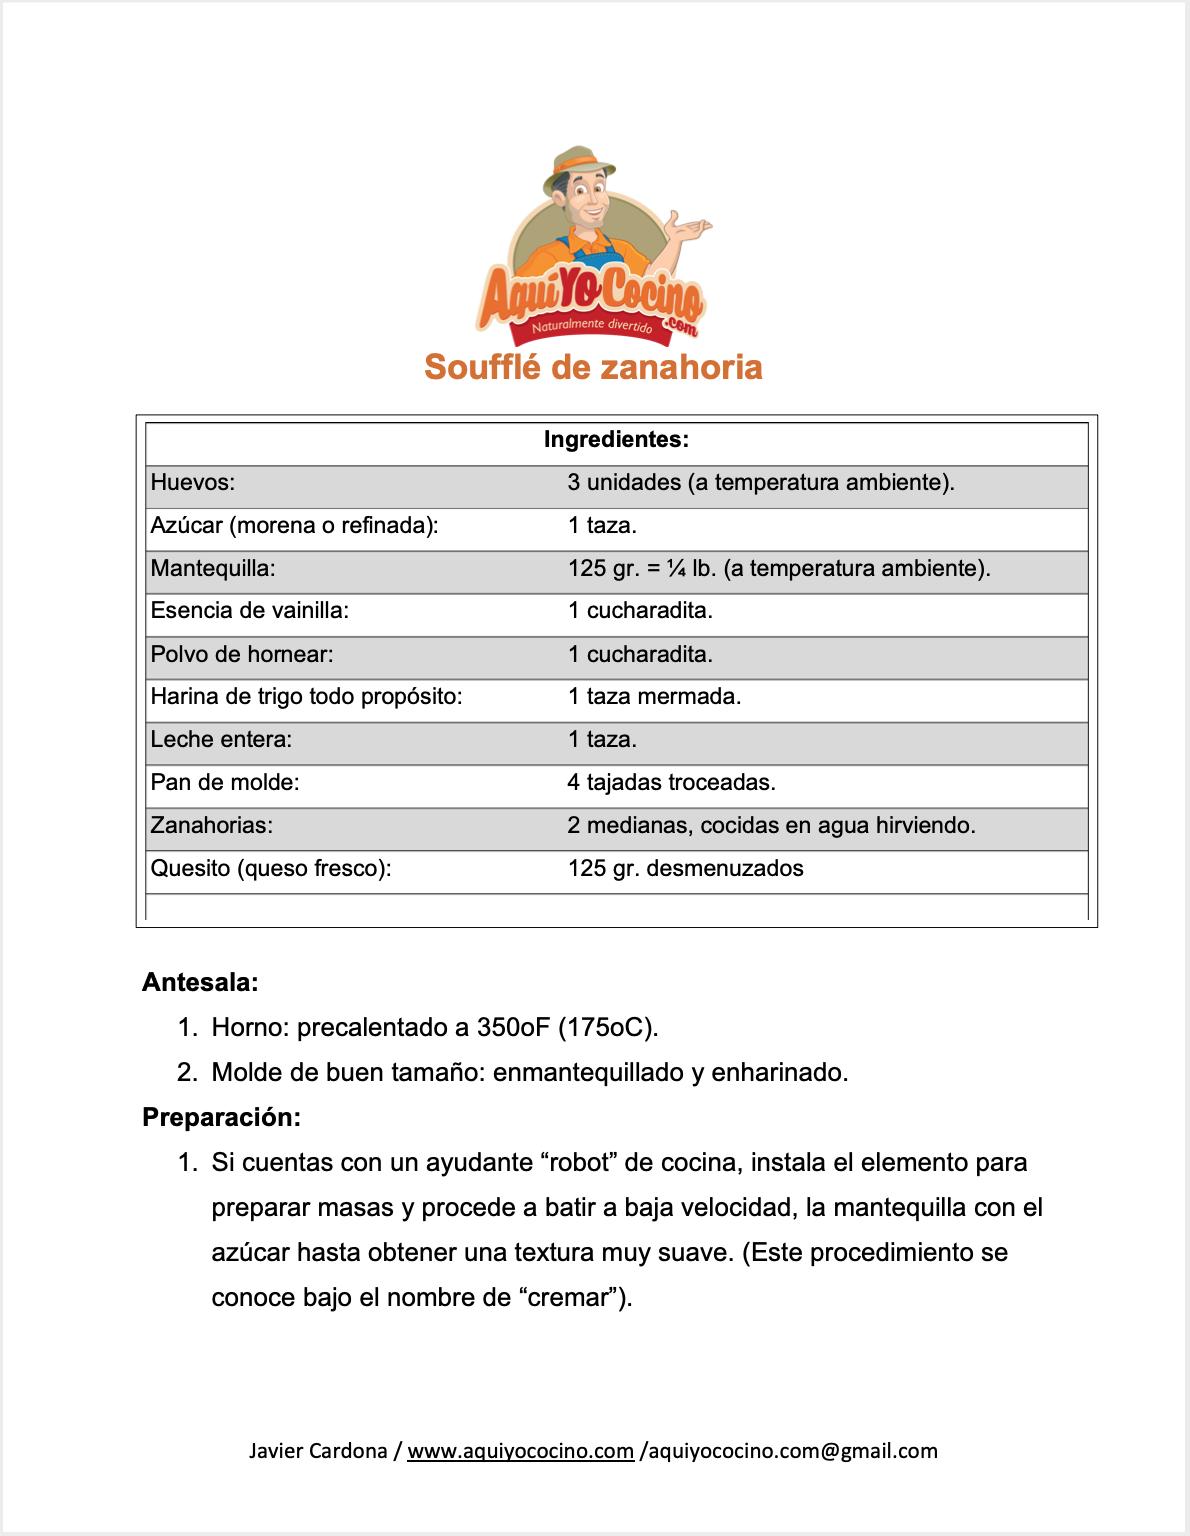 Souffle de zanahoria (pag I).png